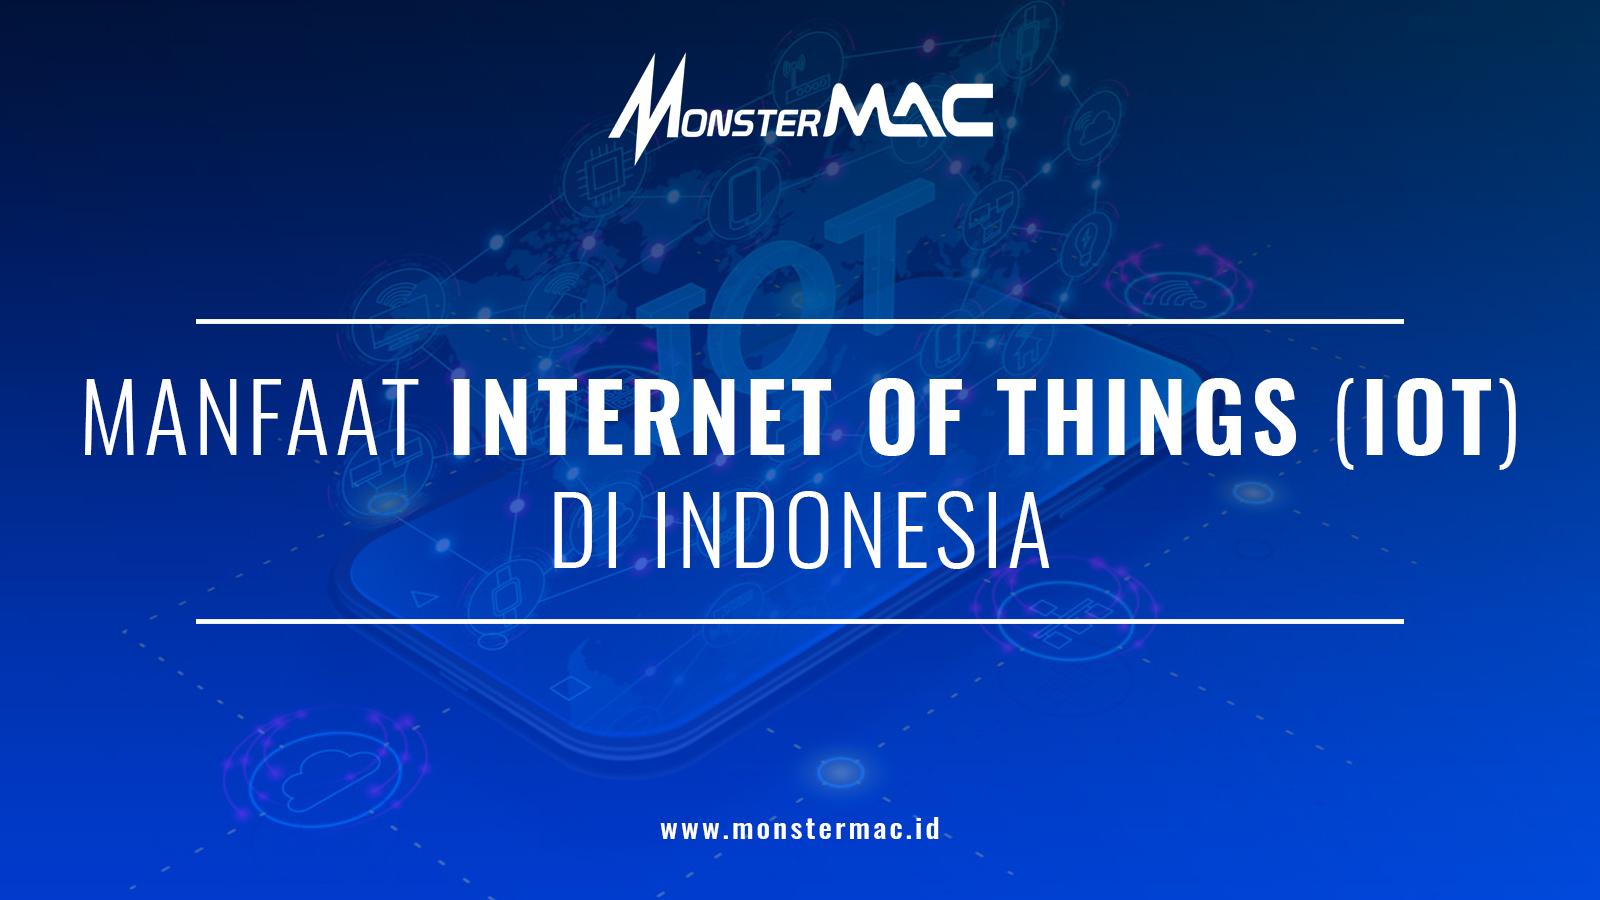 Manfaat internet of things